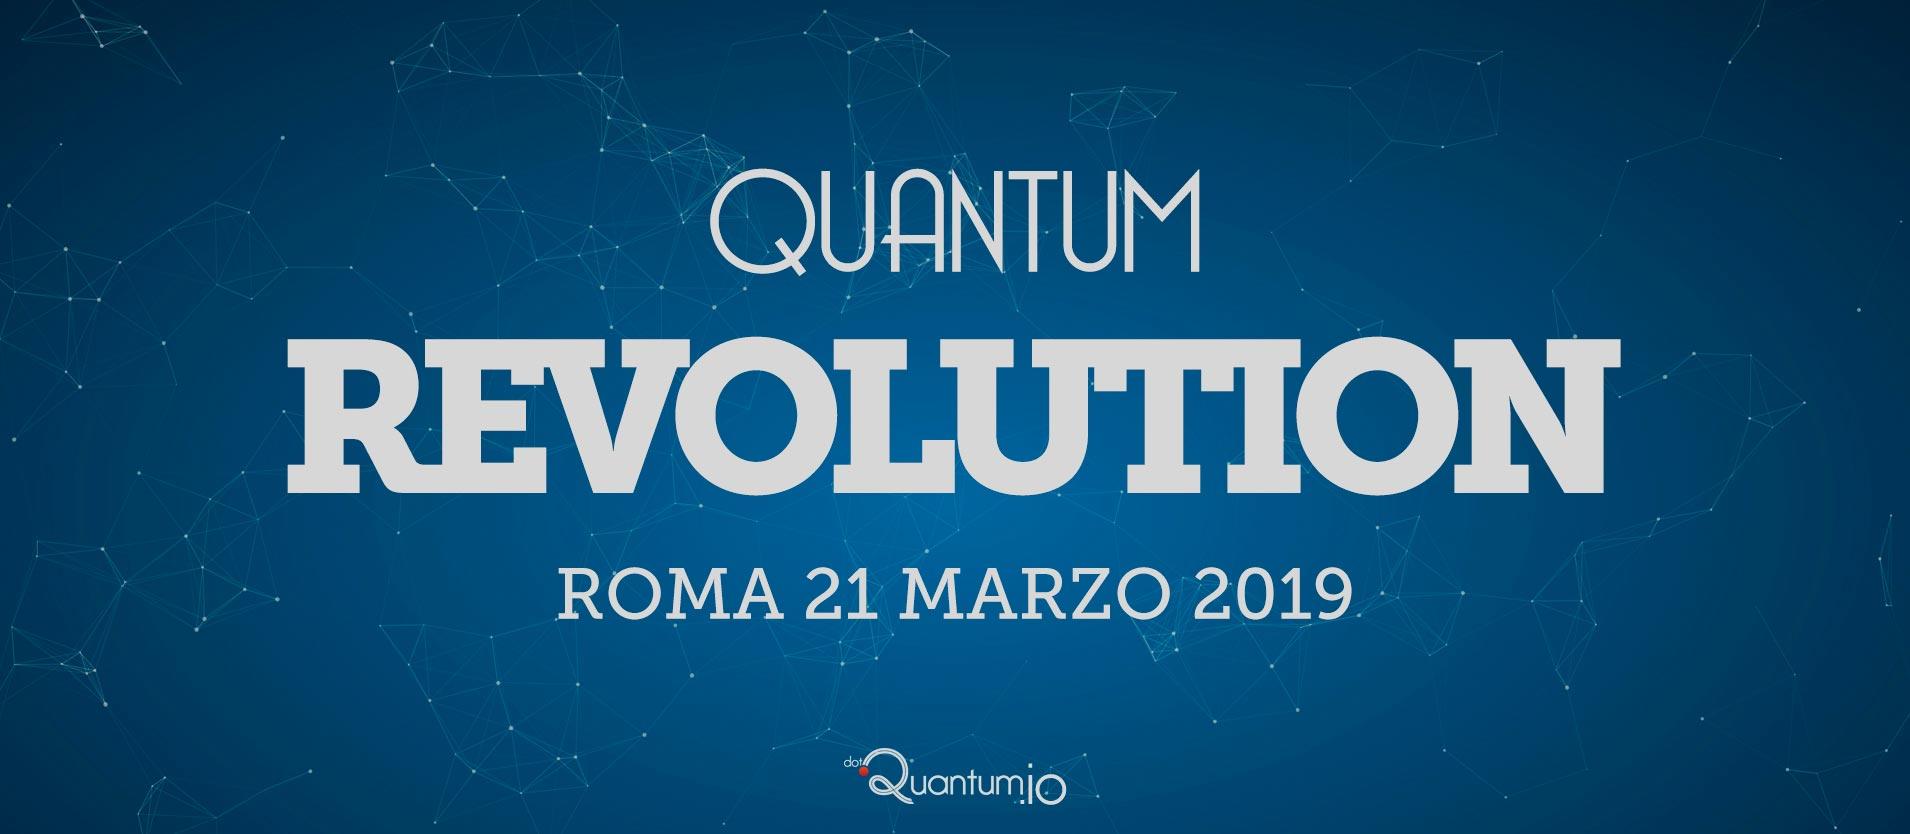 dotQuantum.io Evento Quantum Revolution @Roma